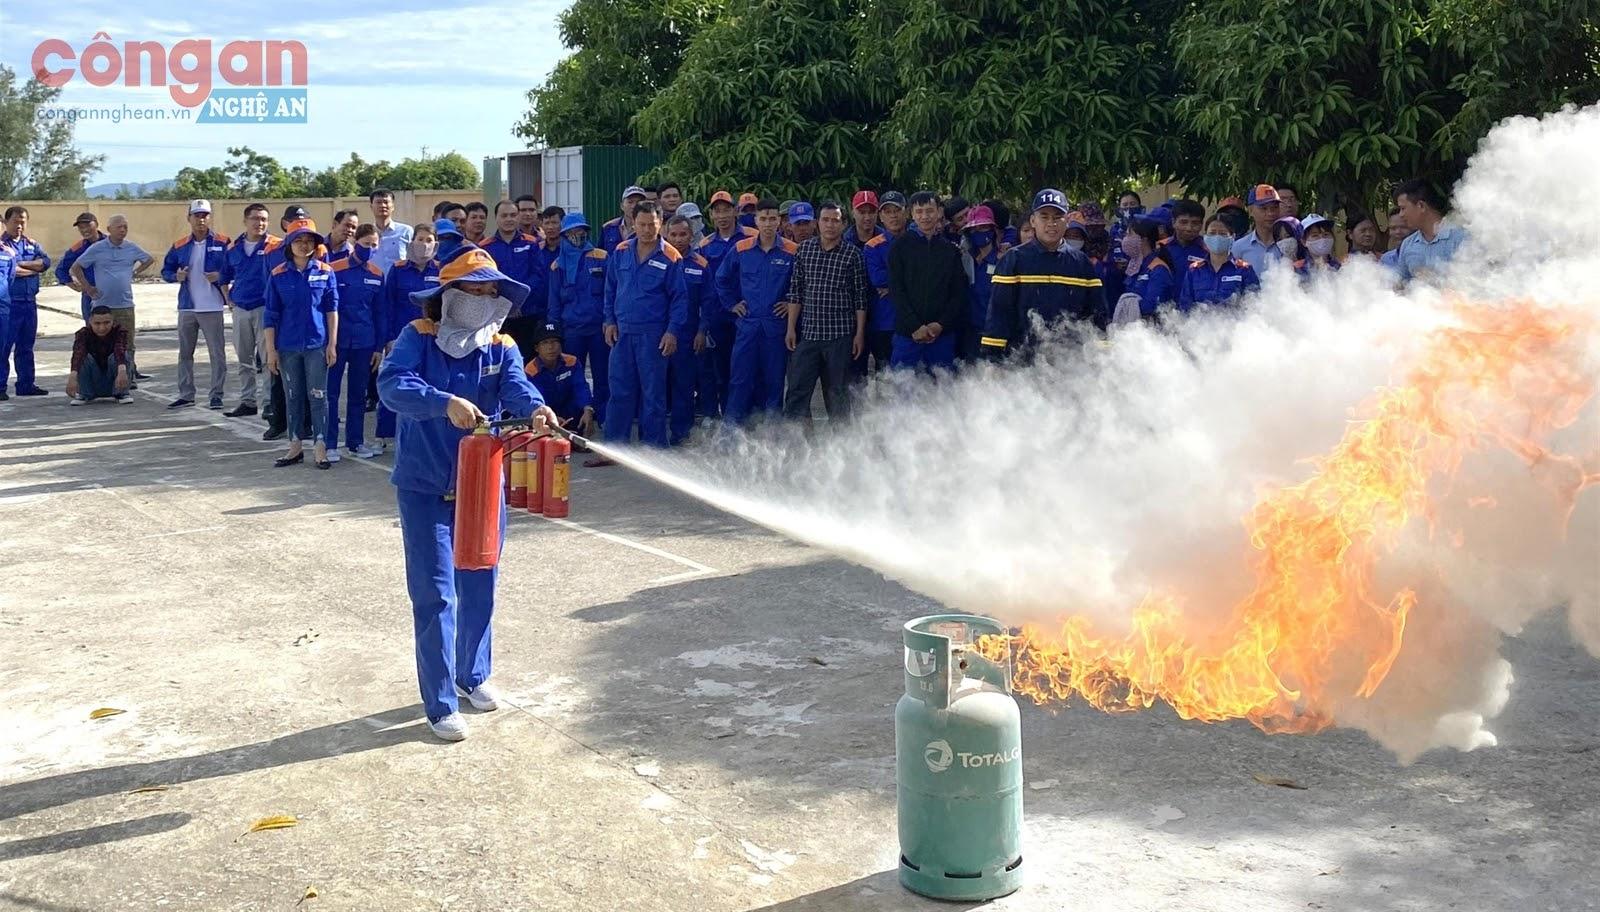 Lực lượng PCCC cơ sở thực hành các kĩ năng  phòng cháy, chữa cháy